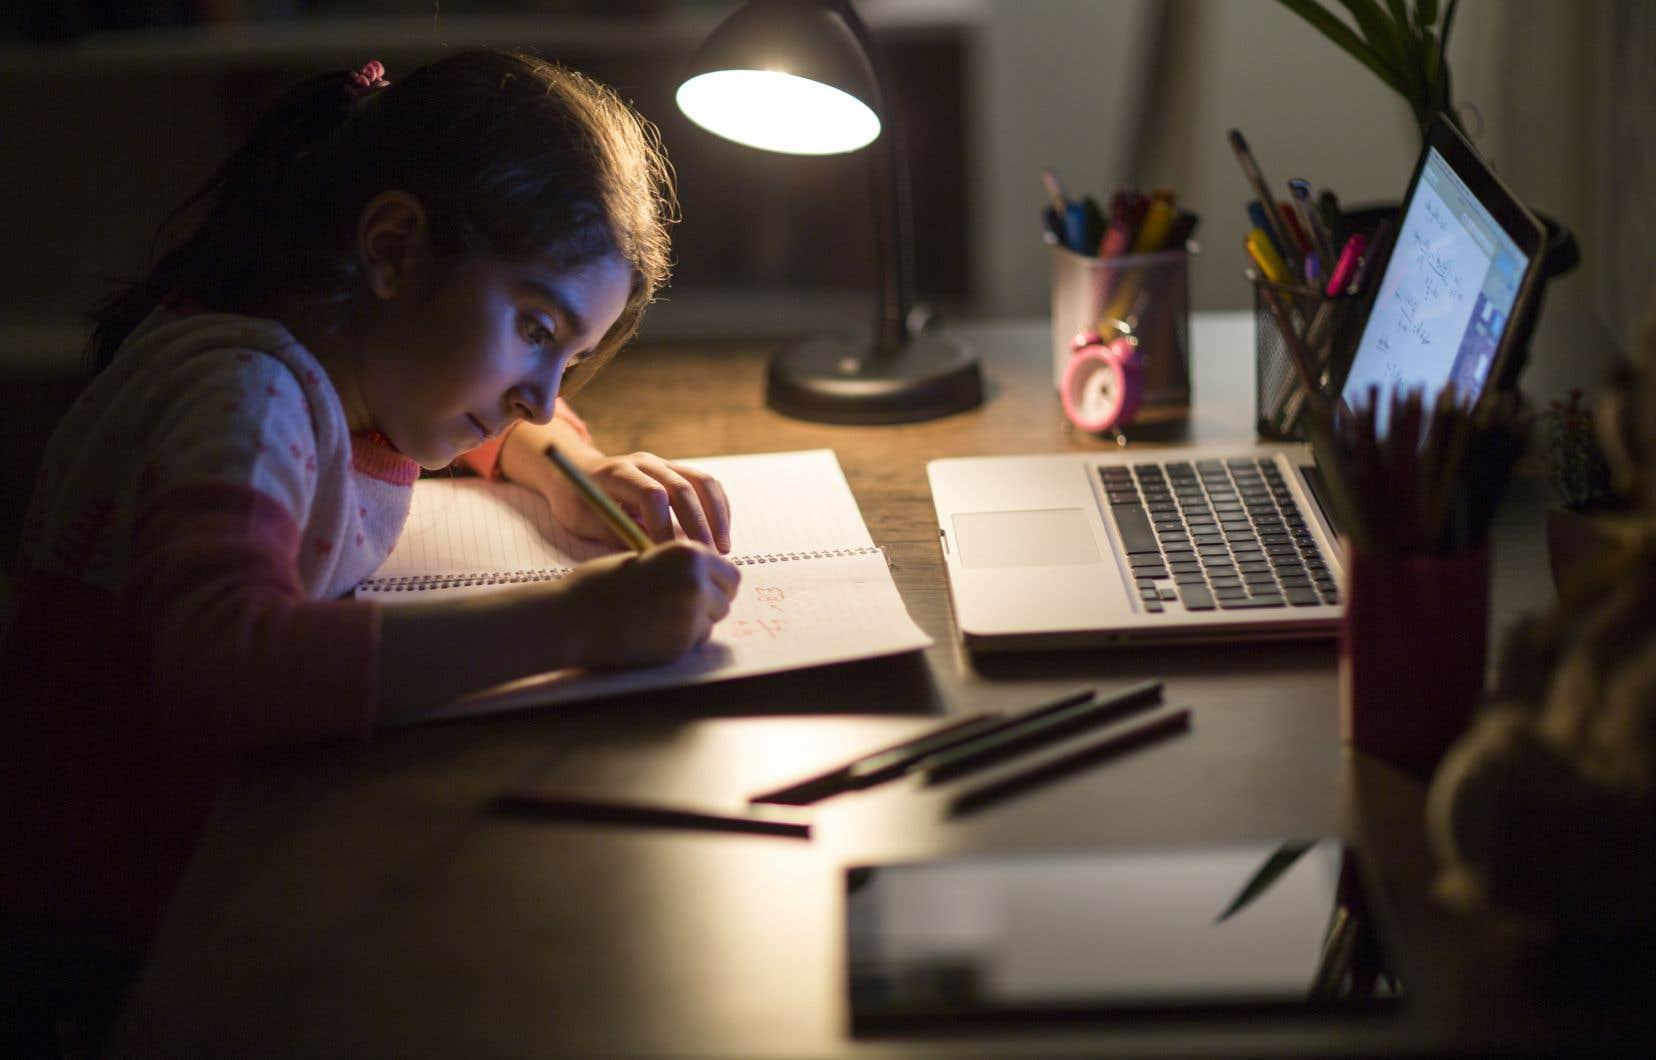 «Pourquoi ne pas adopter des pédagogies basées sur l'enseignement inversé avec un soutien particulier à des moments charnières, notamment auprès d'élèves à besoins particuliers?», se questionnent les autrices.